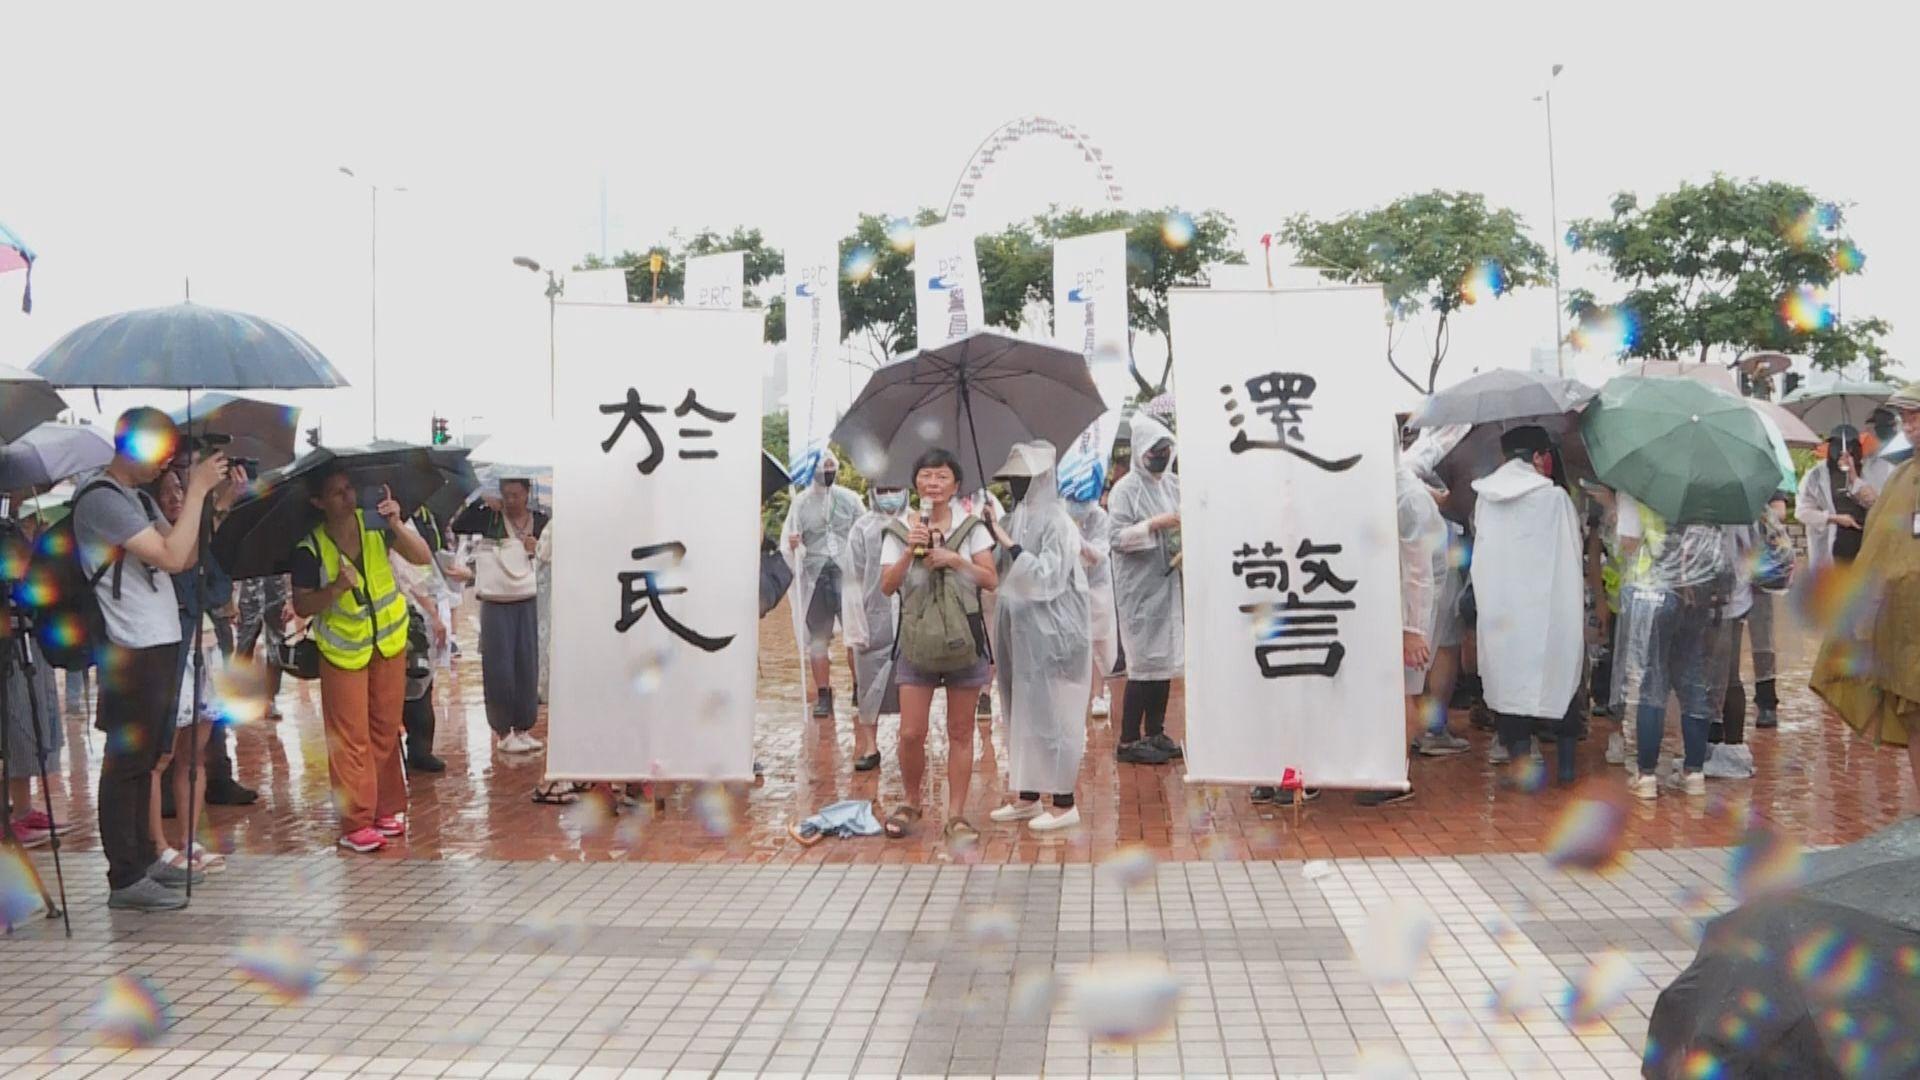 警察家屬集會 促獨立調查反修例風波